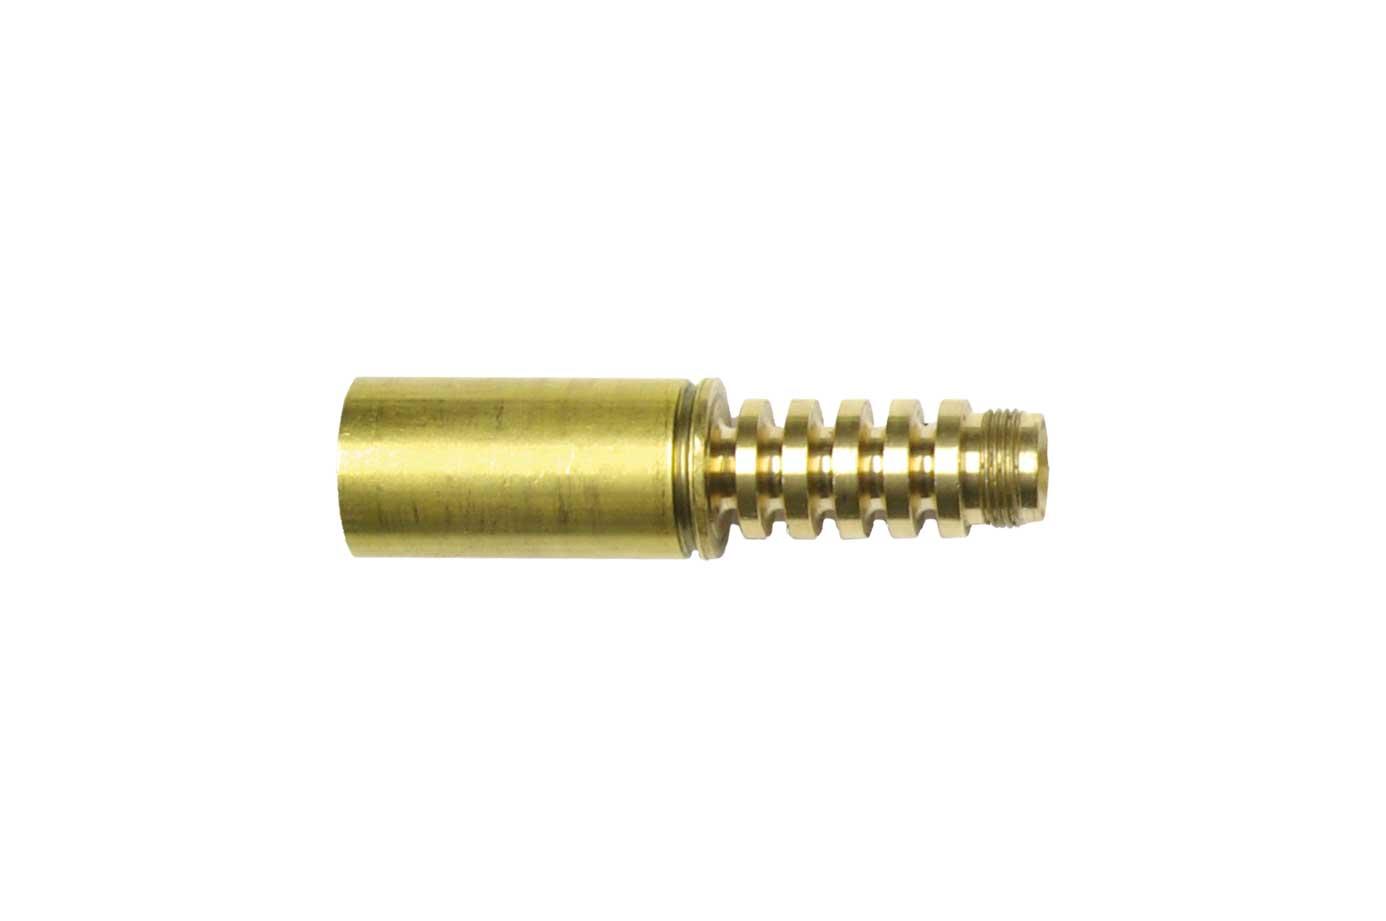 Kolbenbrenner / Soldering inserts